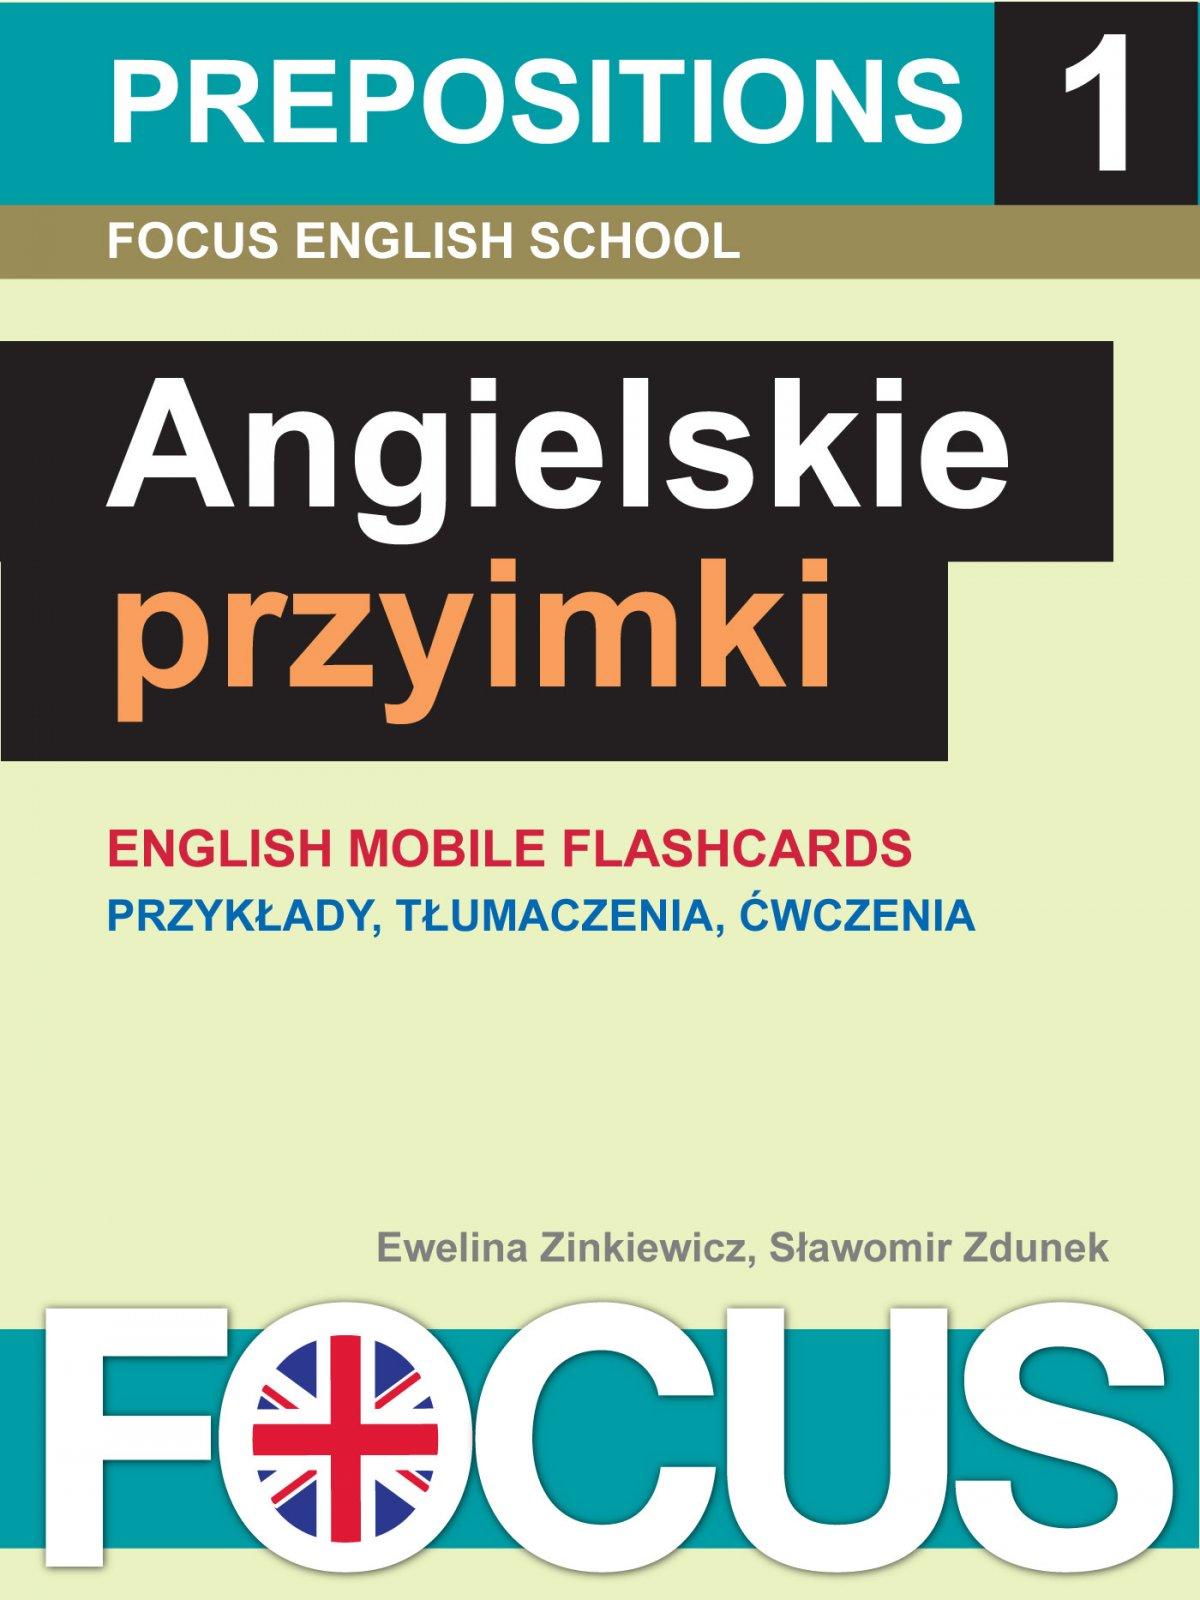 Angielskie przyimki. Zestaw 1 - Ebook (Książka EPUB) do pobrania w formacie EPUB